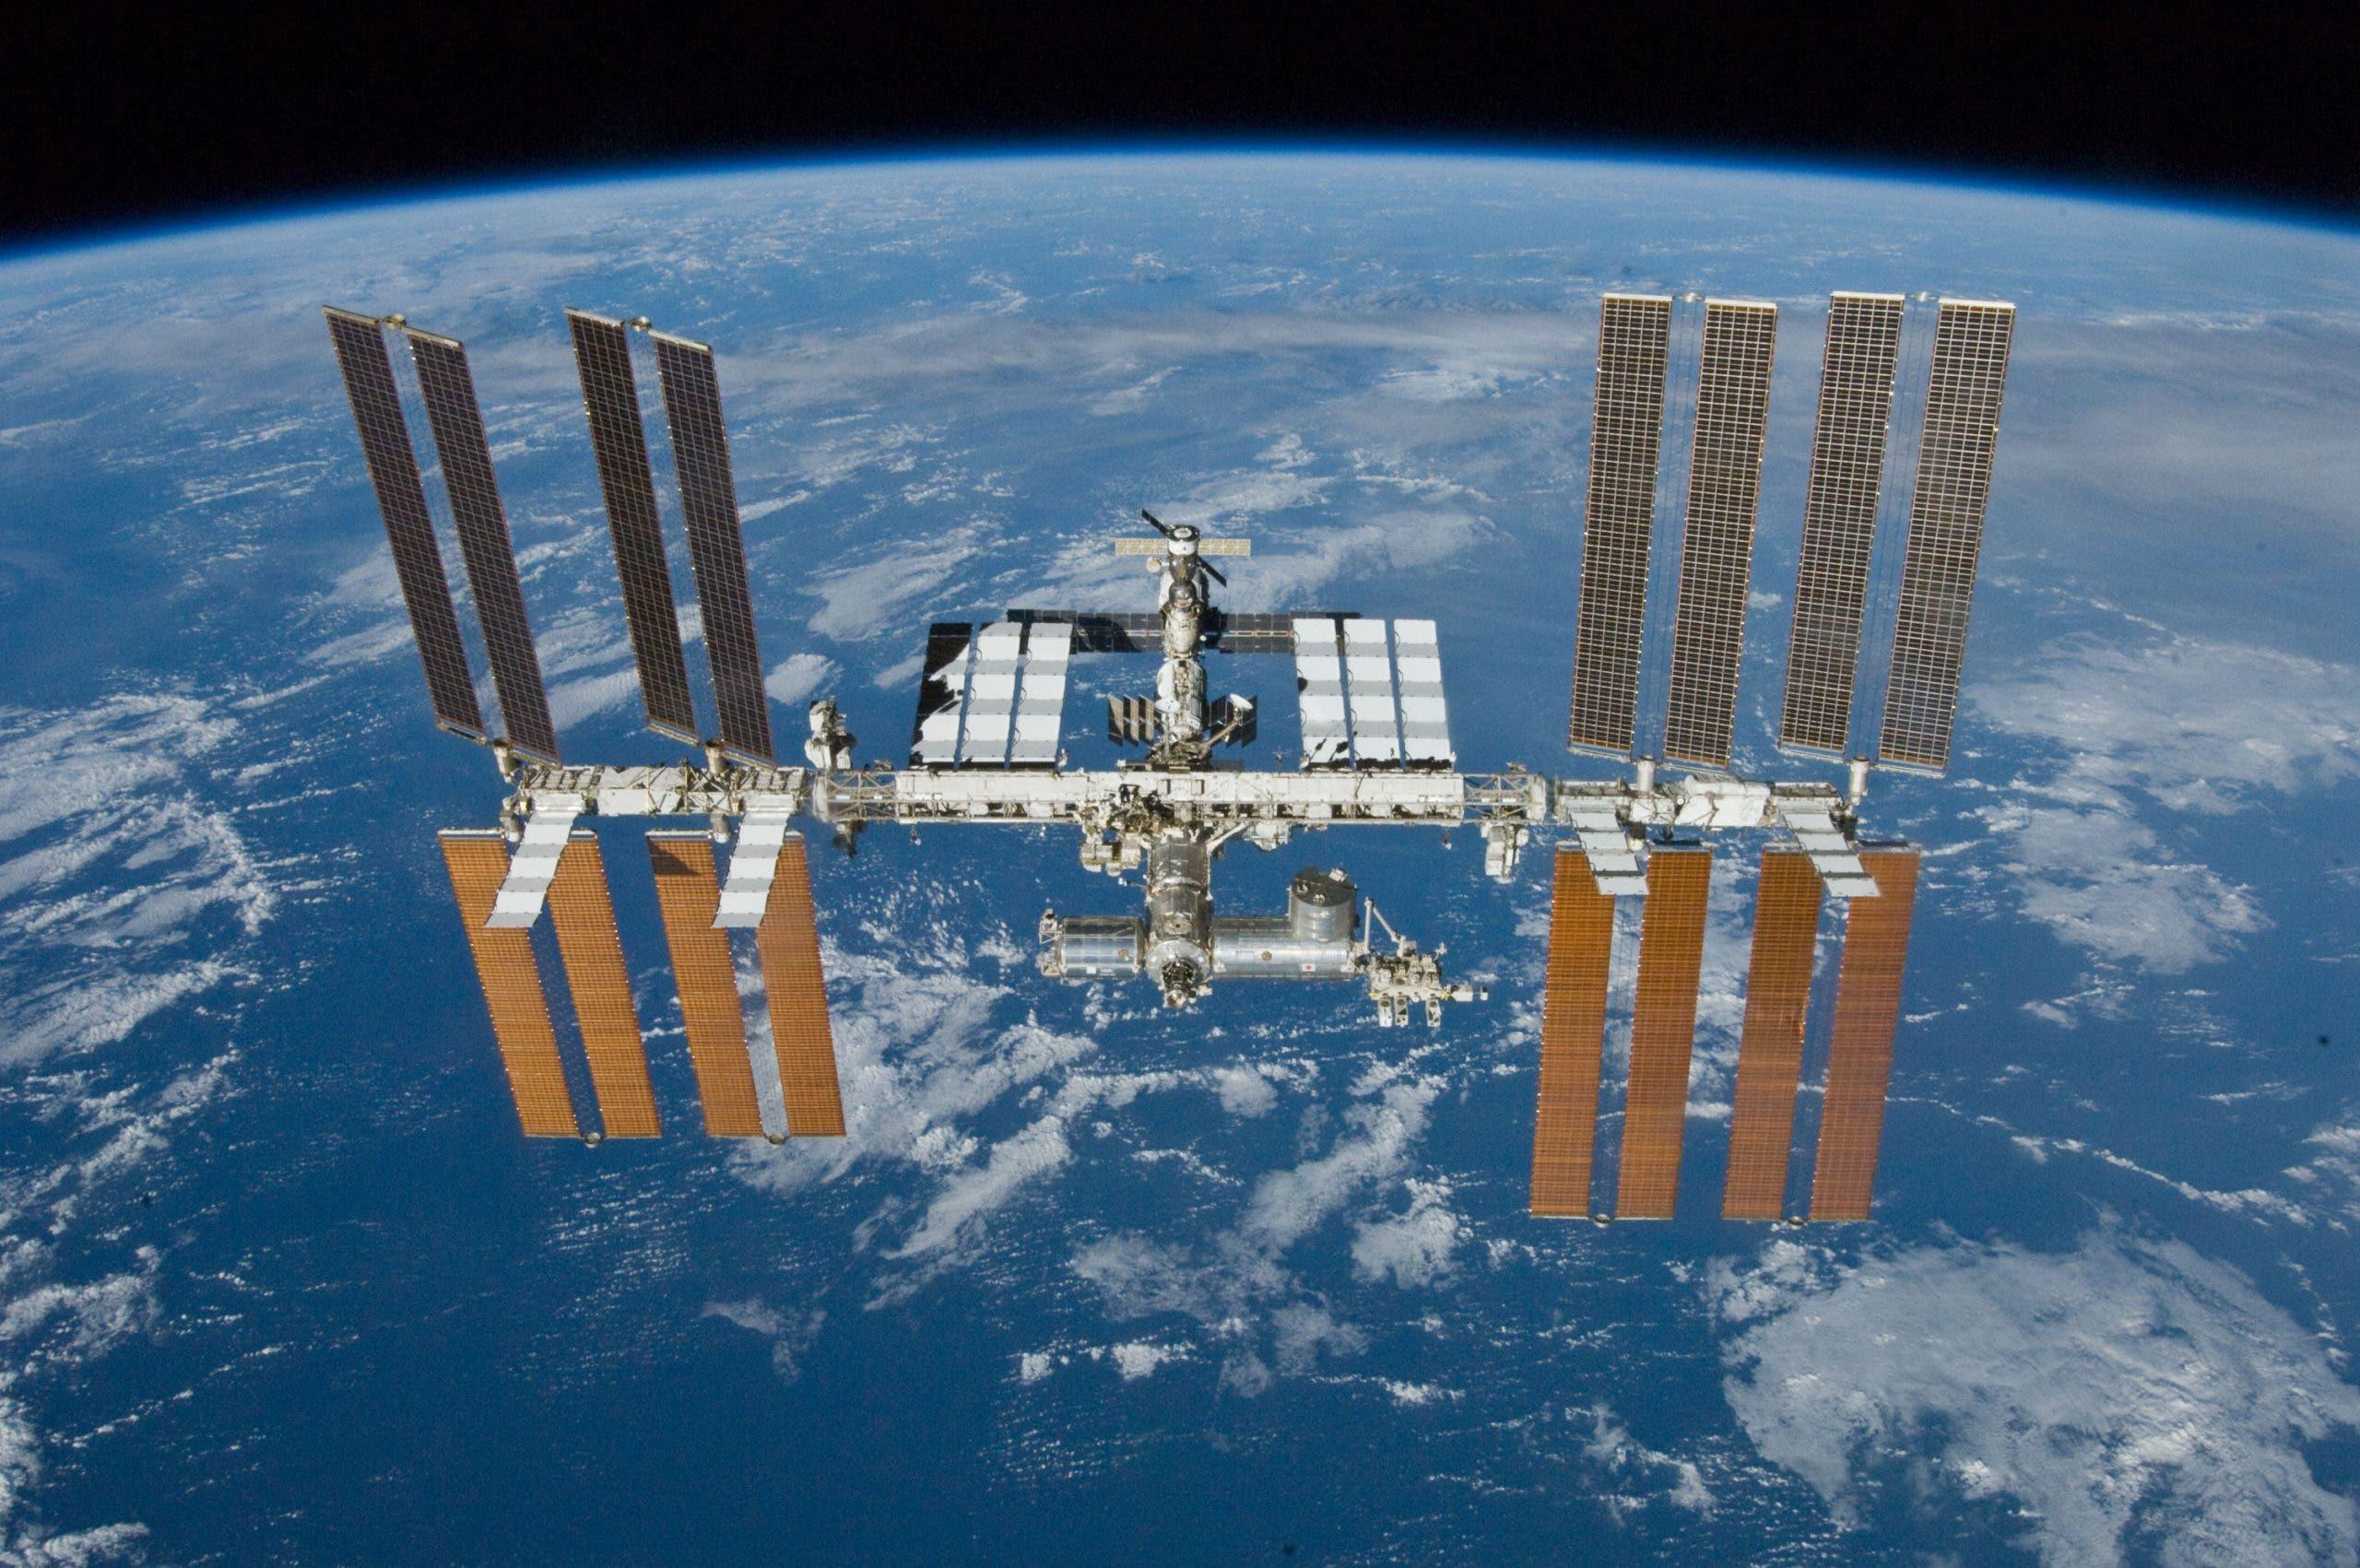 Spacechain realiza la primera transacción blockchain de firmas múltiples en el espacio, con el envío de Bitcoin por medio de la Estación Espacial Internacional